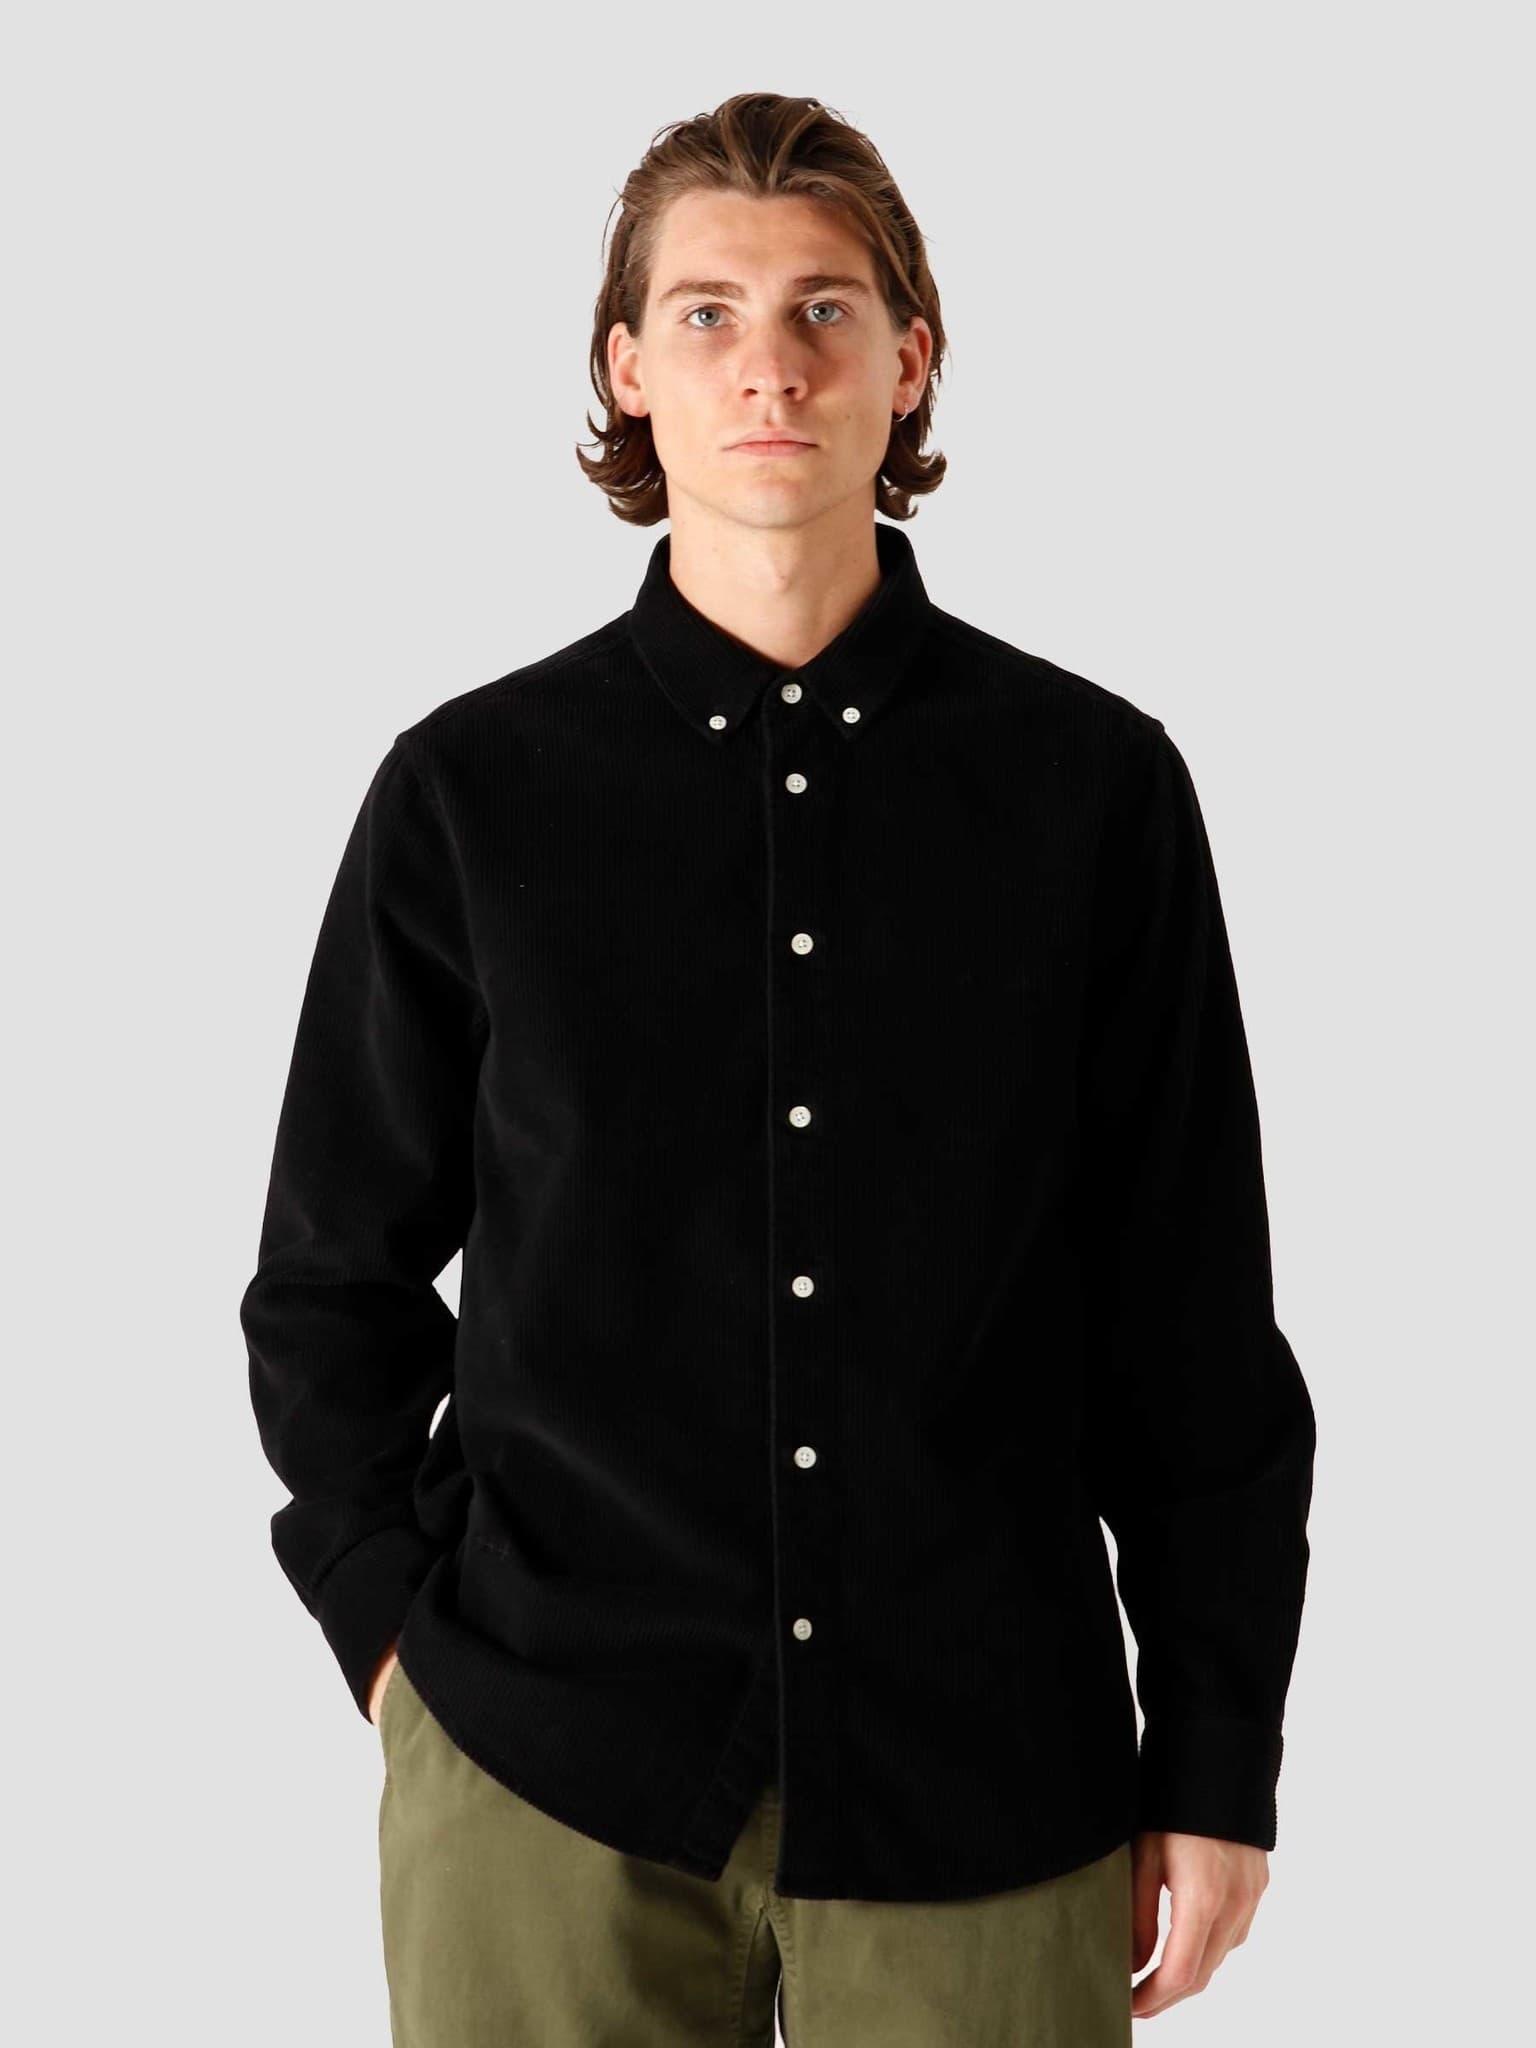 QB41 Cord Shirt Black